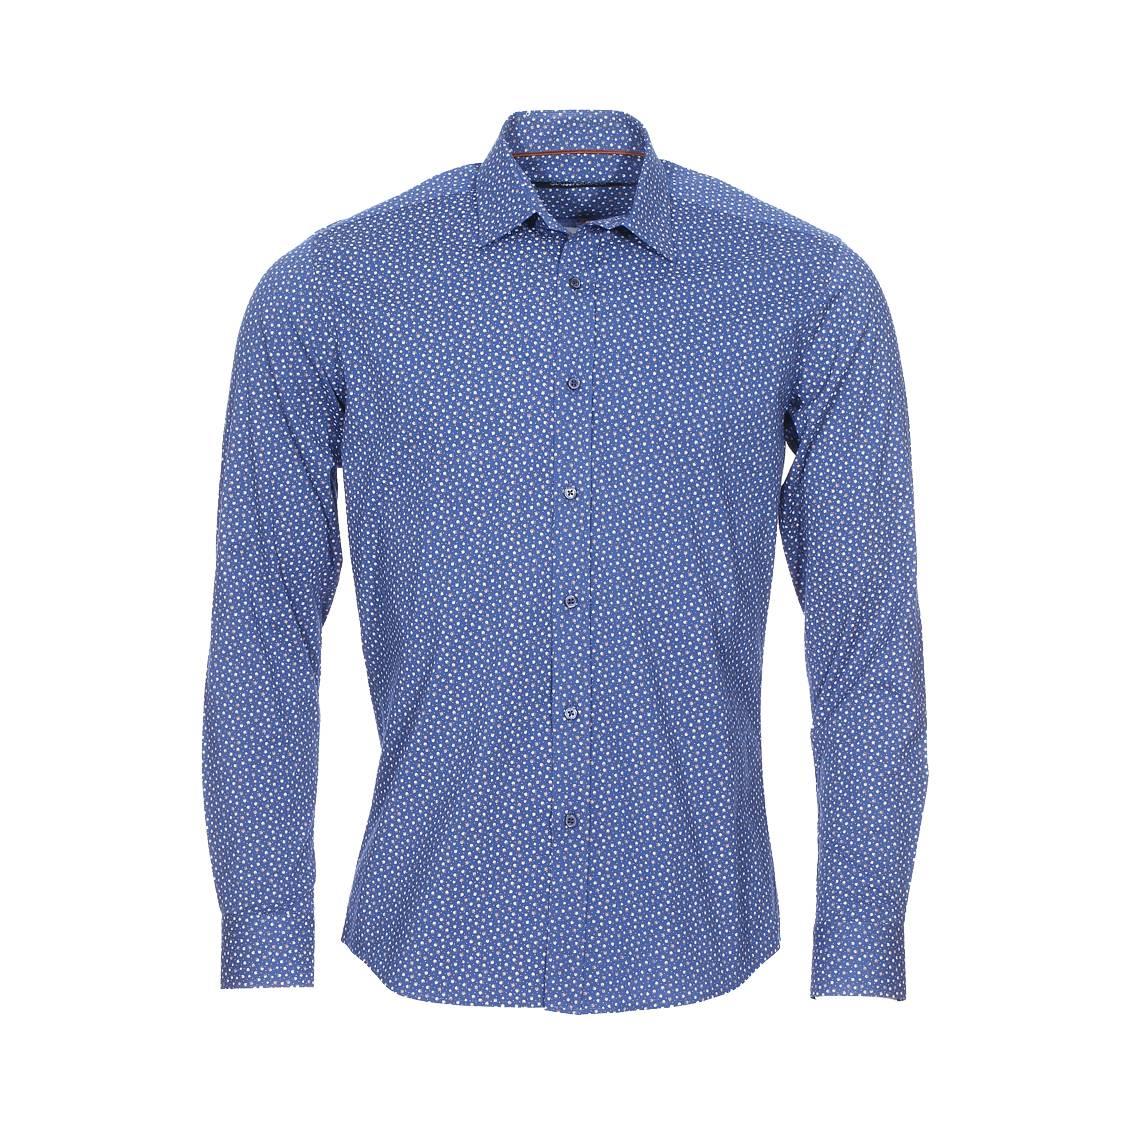 Chemise cintrée Gianni Ferrucci en coton bleu marine à fleurs blanches et marrons